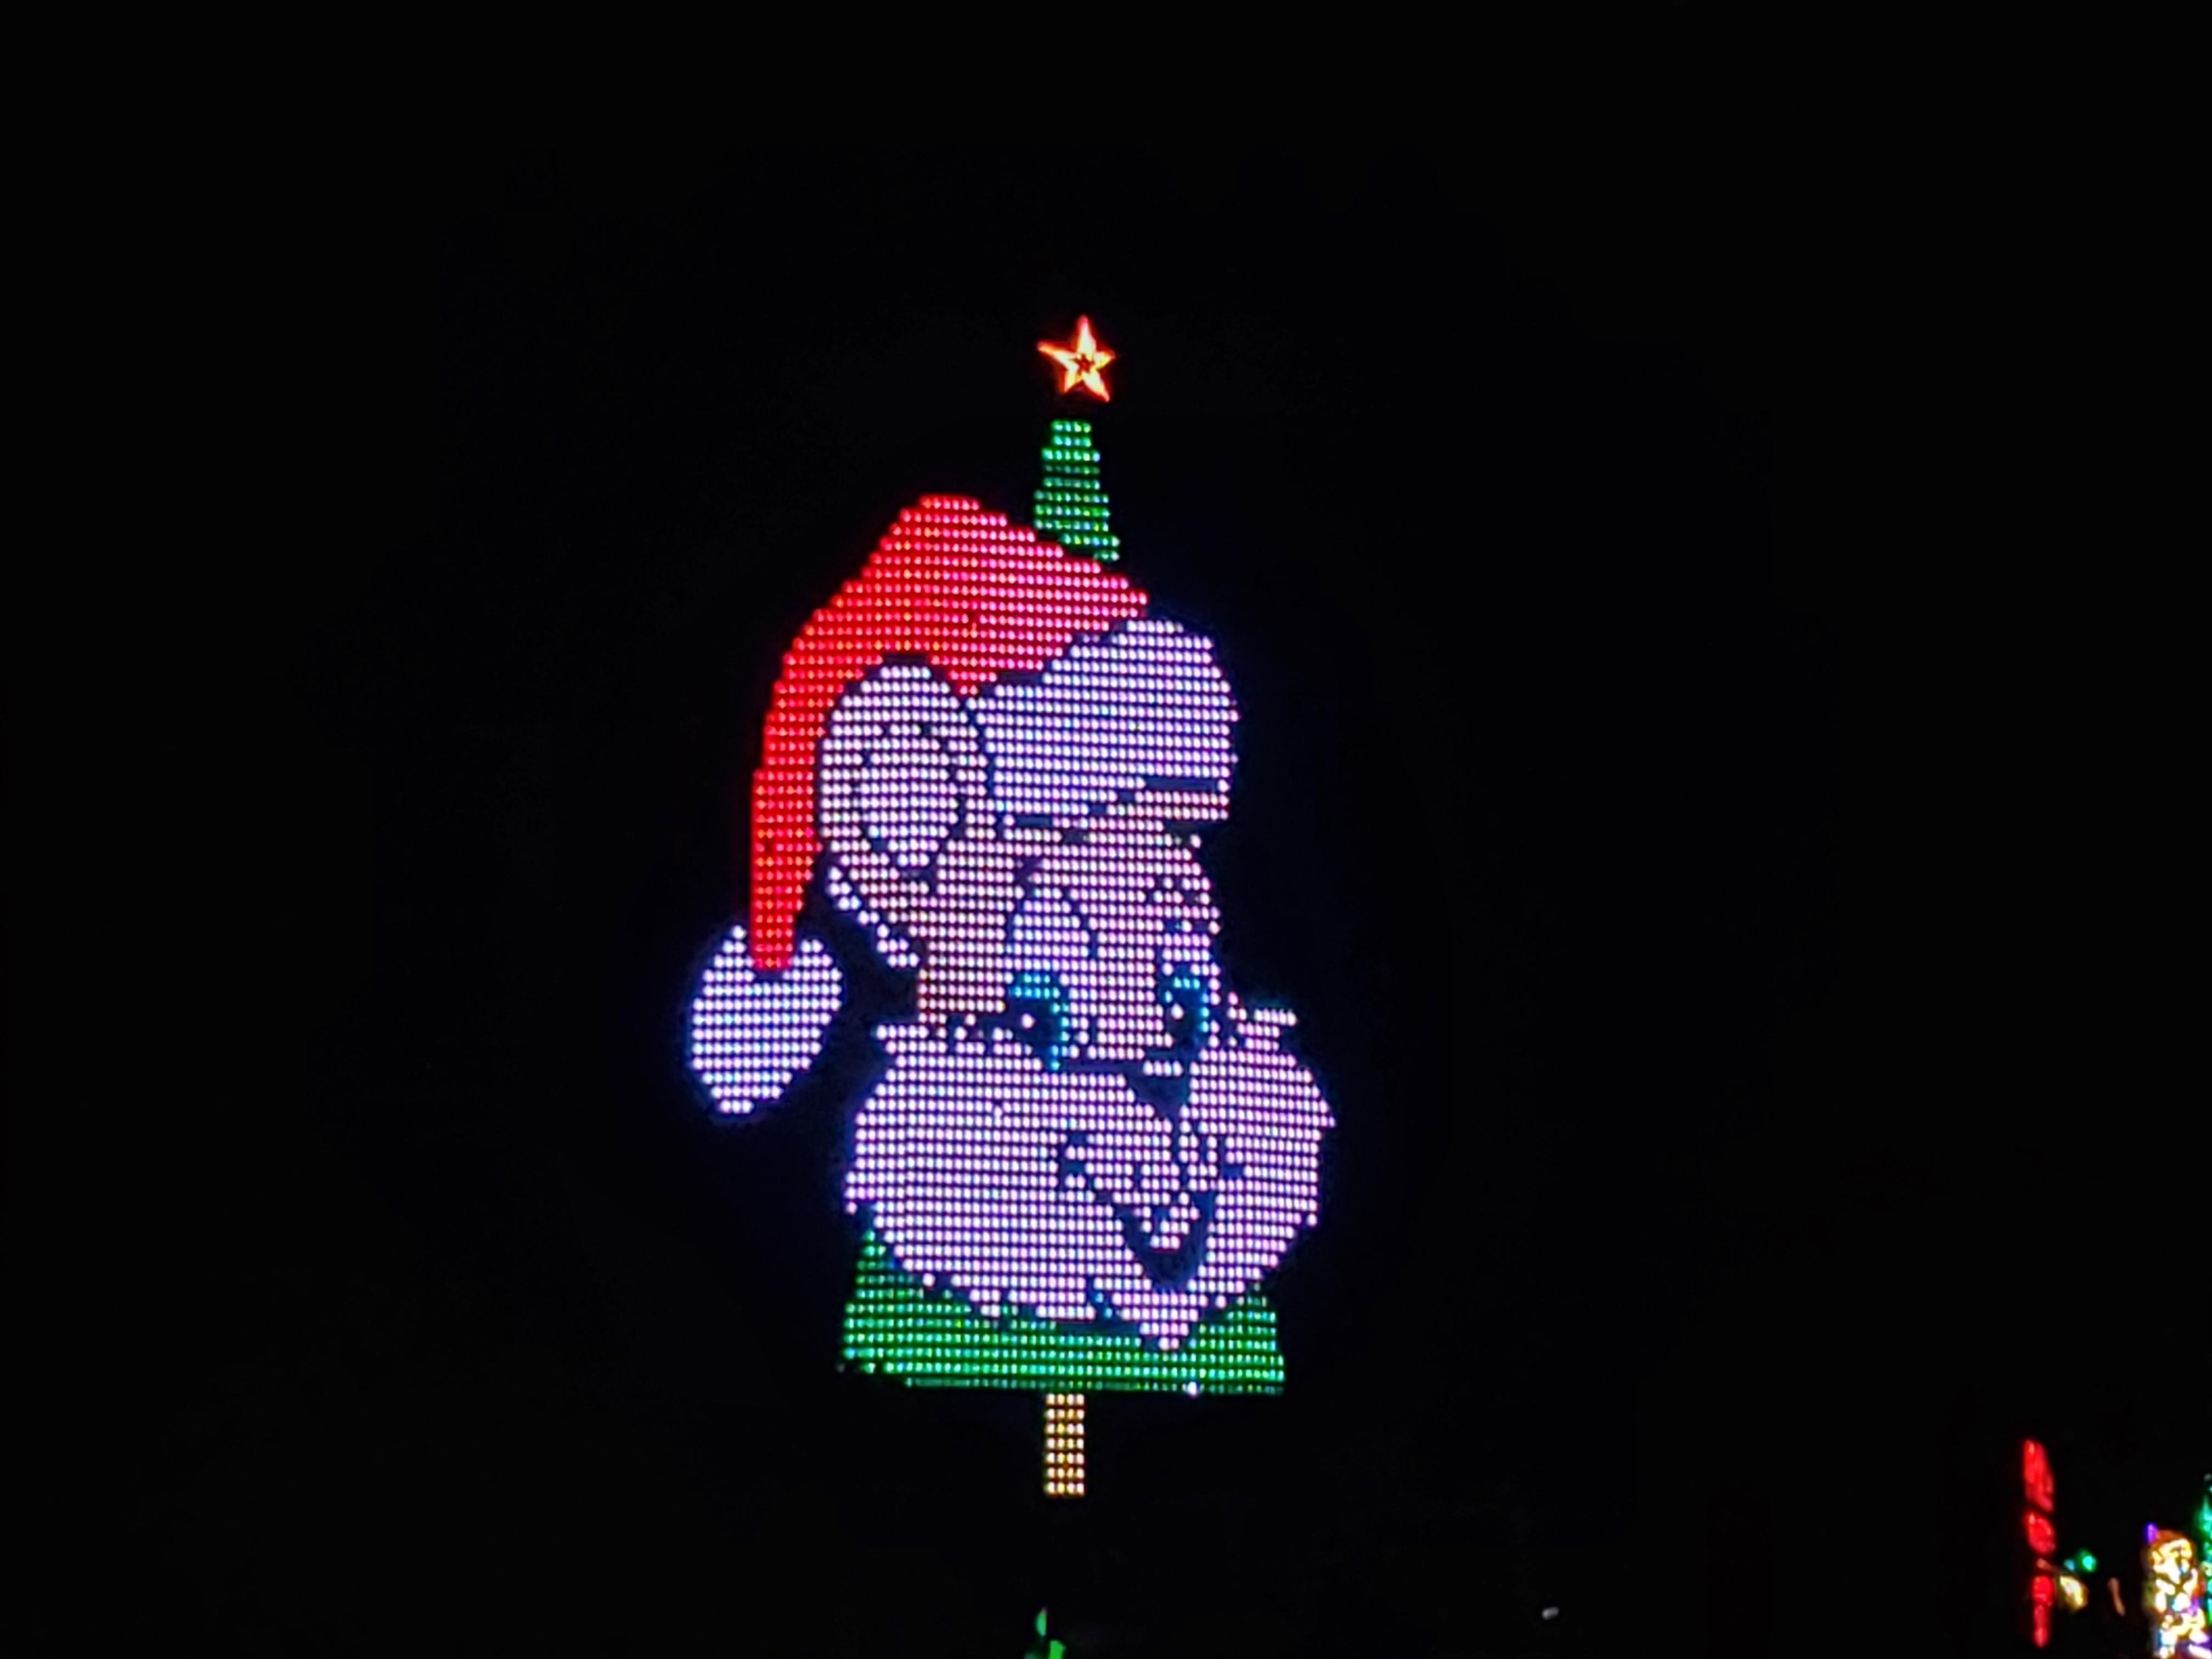 Knoebels RGB mesh